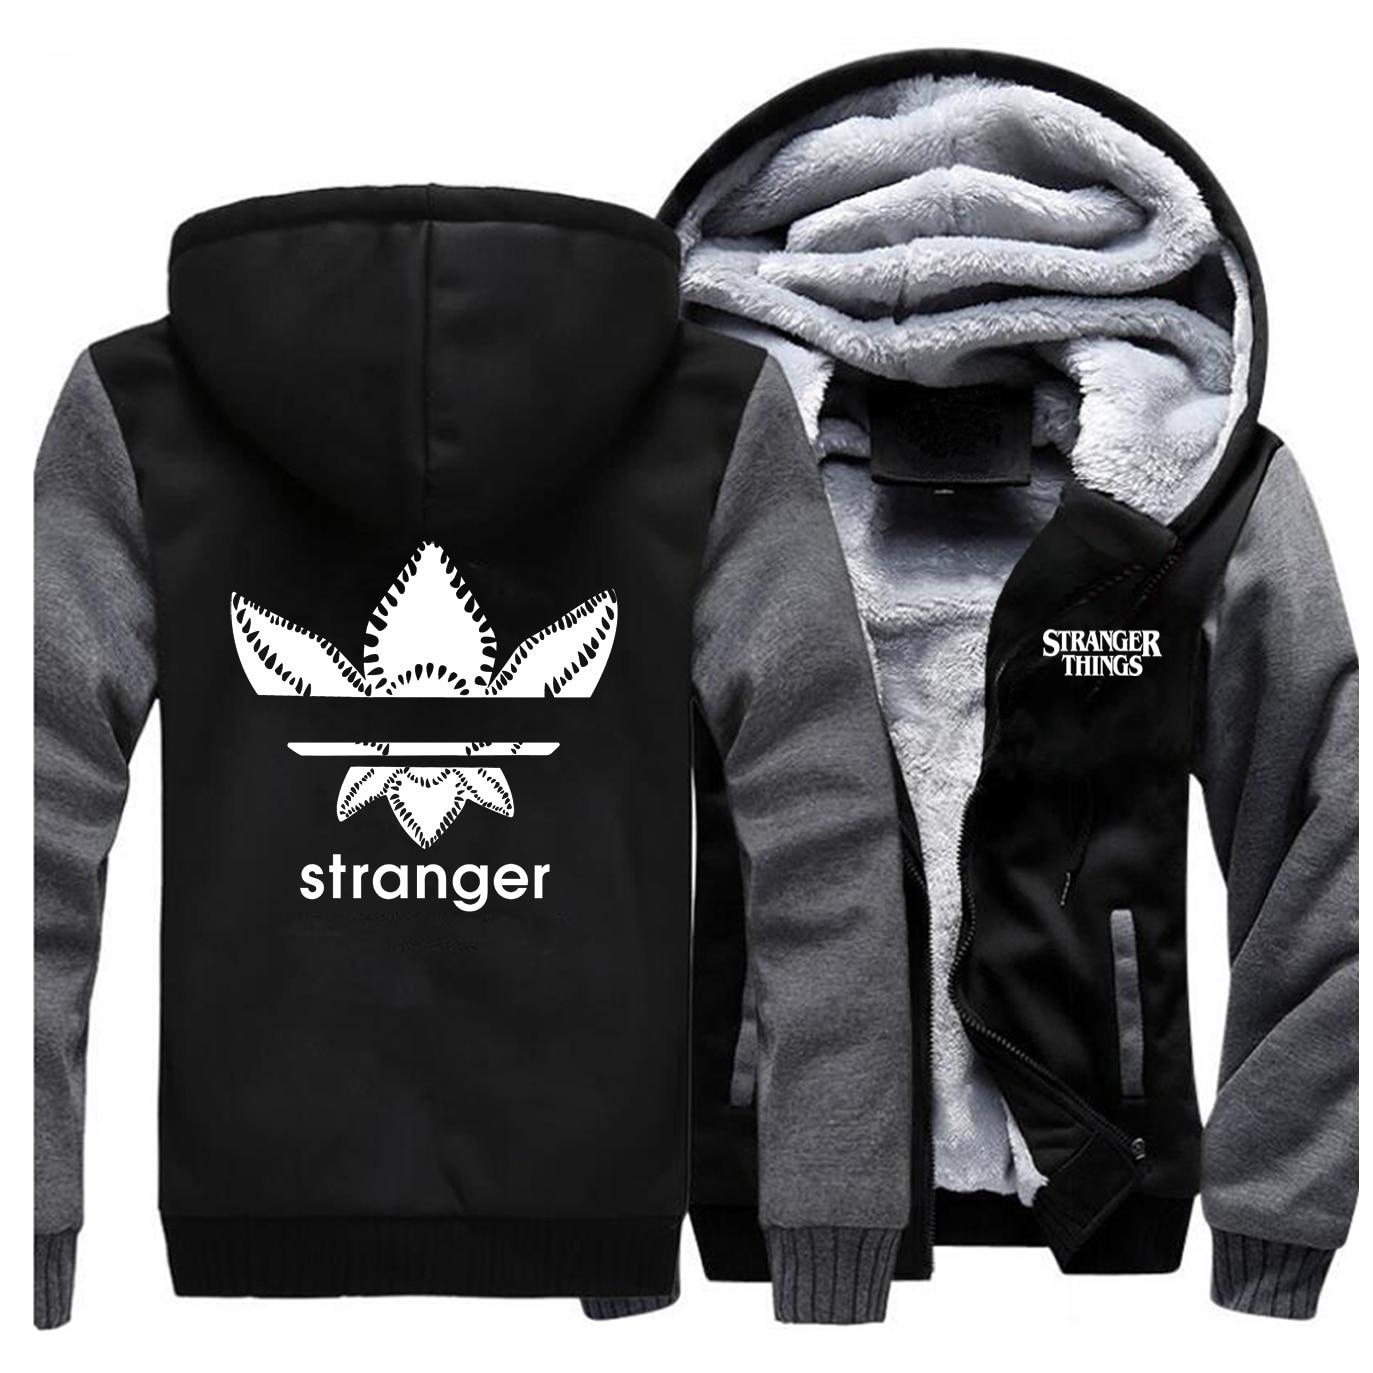 Stranger Things Jackets Men Brand Eleven Ghostbuster Sweatshirt Hoodies Winter Thick Zipper Fleece Warm Coat Jacket Sportswear